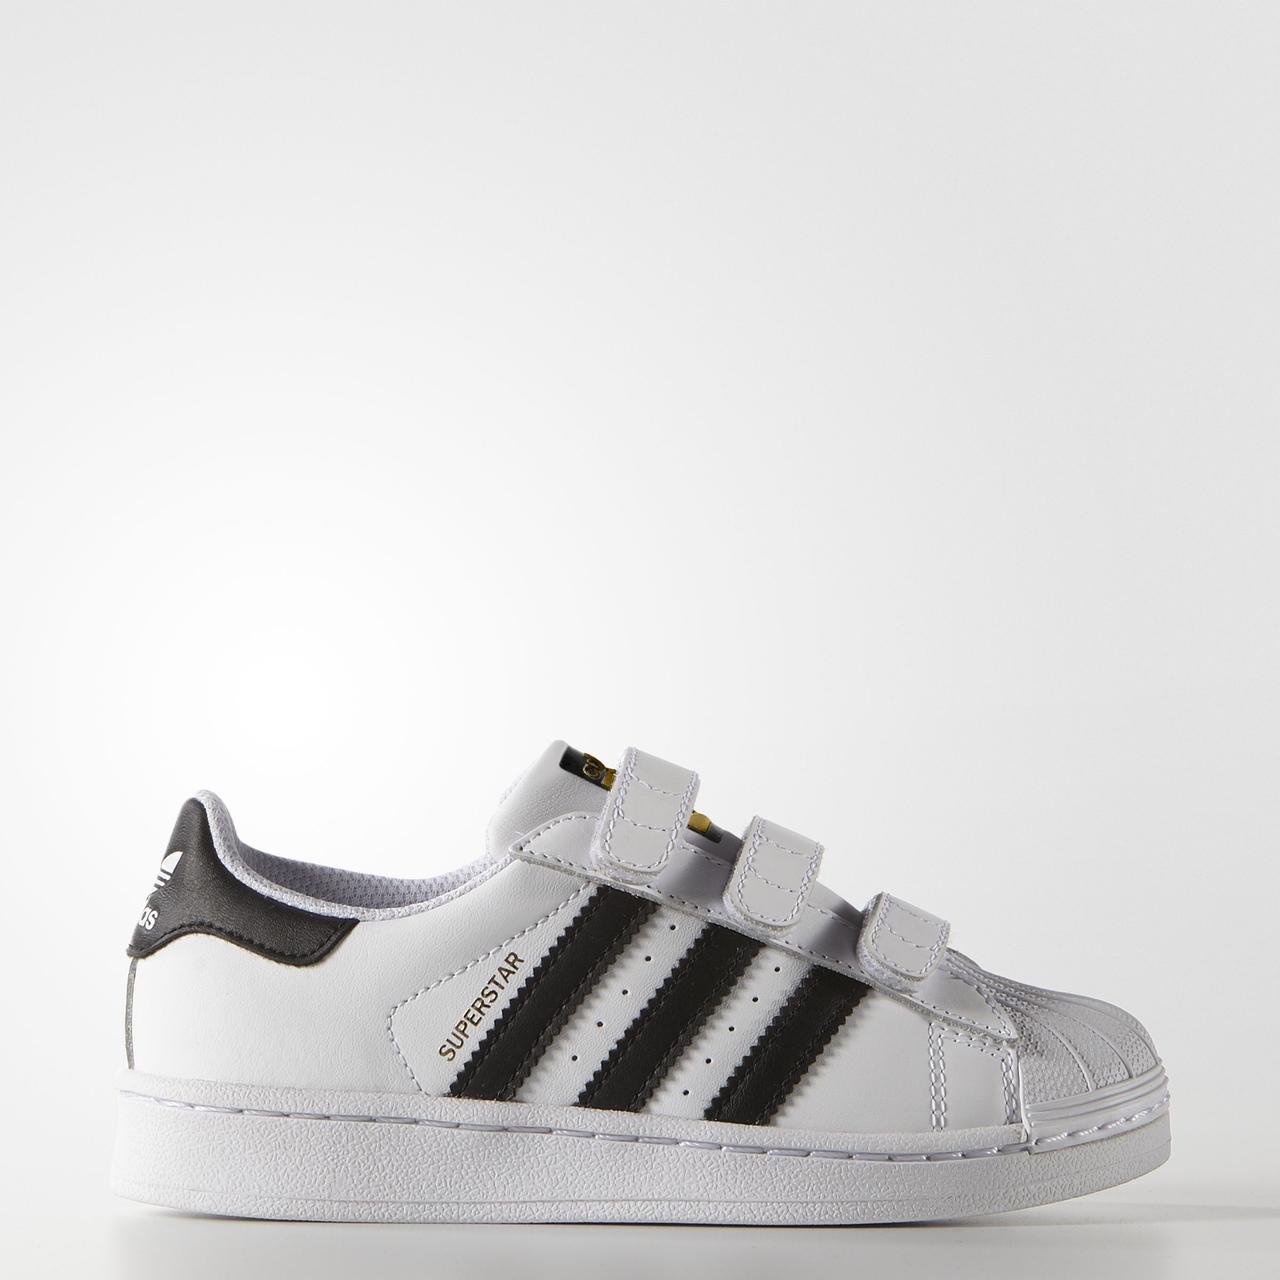 b885f4f0 Детские кроссовки Adidas B26070 - Интернет-магазин спортивной одежды и  обуви